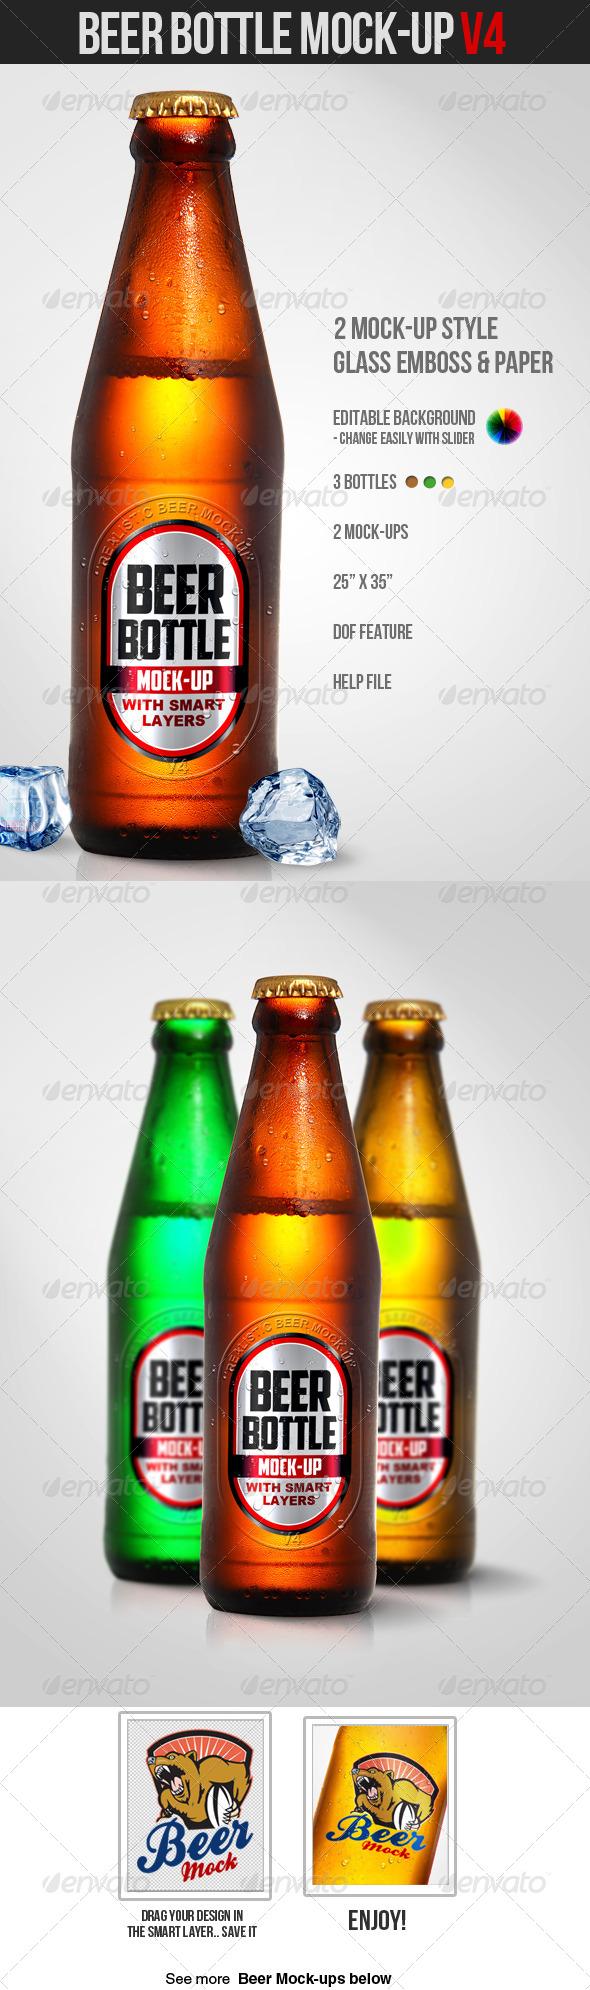 GraphicRiver Beer Bottle Mock-Up V4 5150669